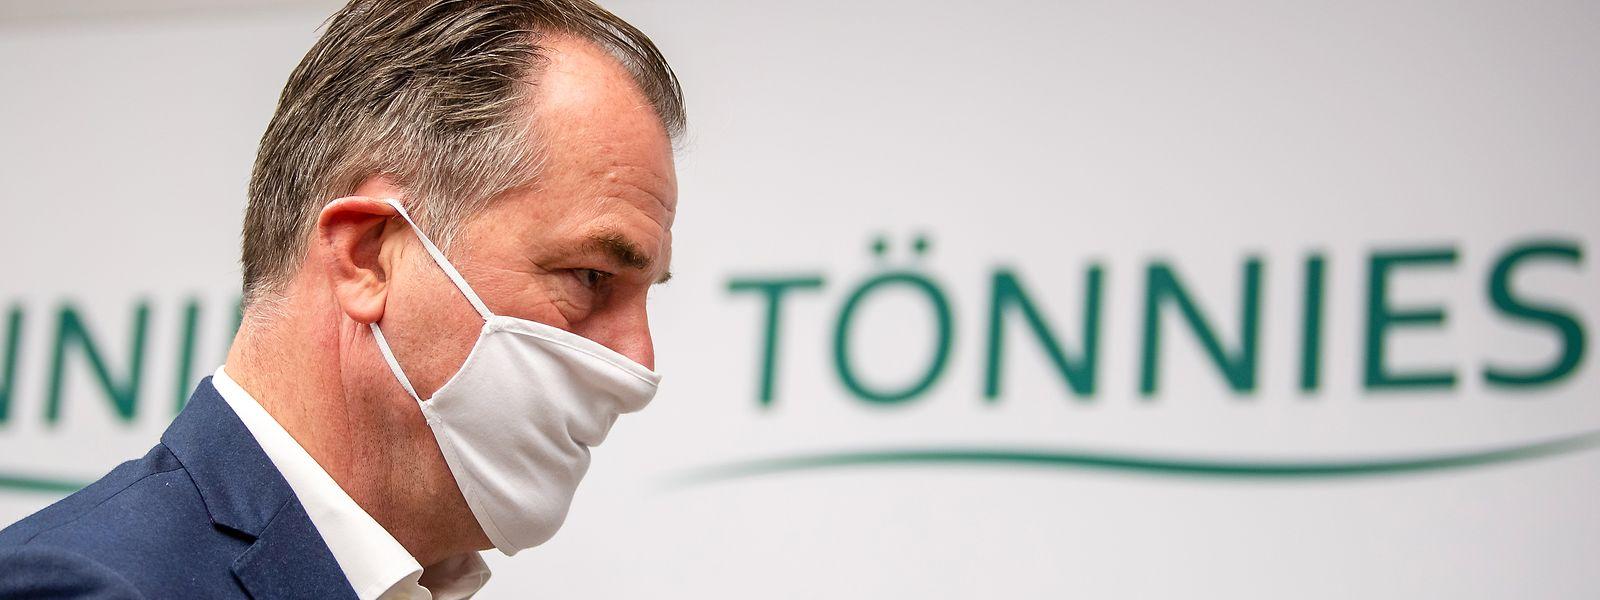 Während von allen Seiten Kritik auf Clemens Tönnies einprasselt, schweigt der Fleischmagnat.